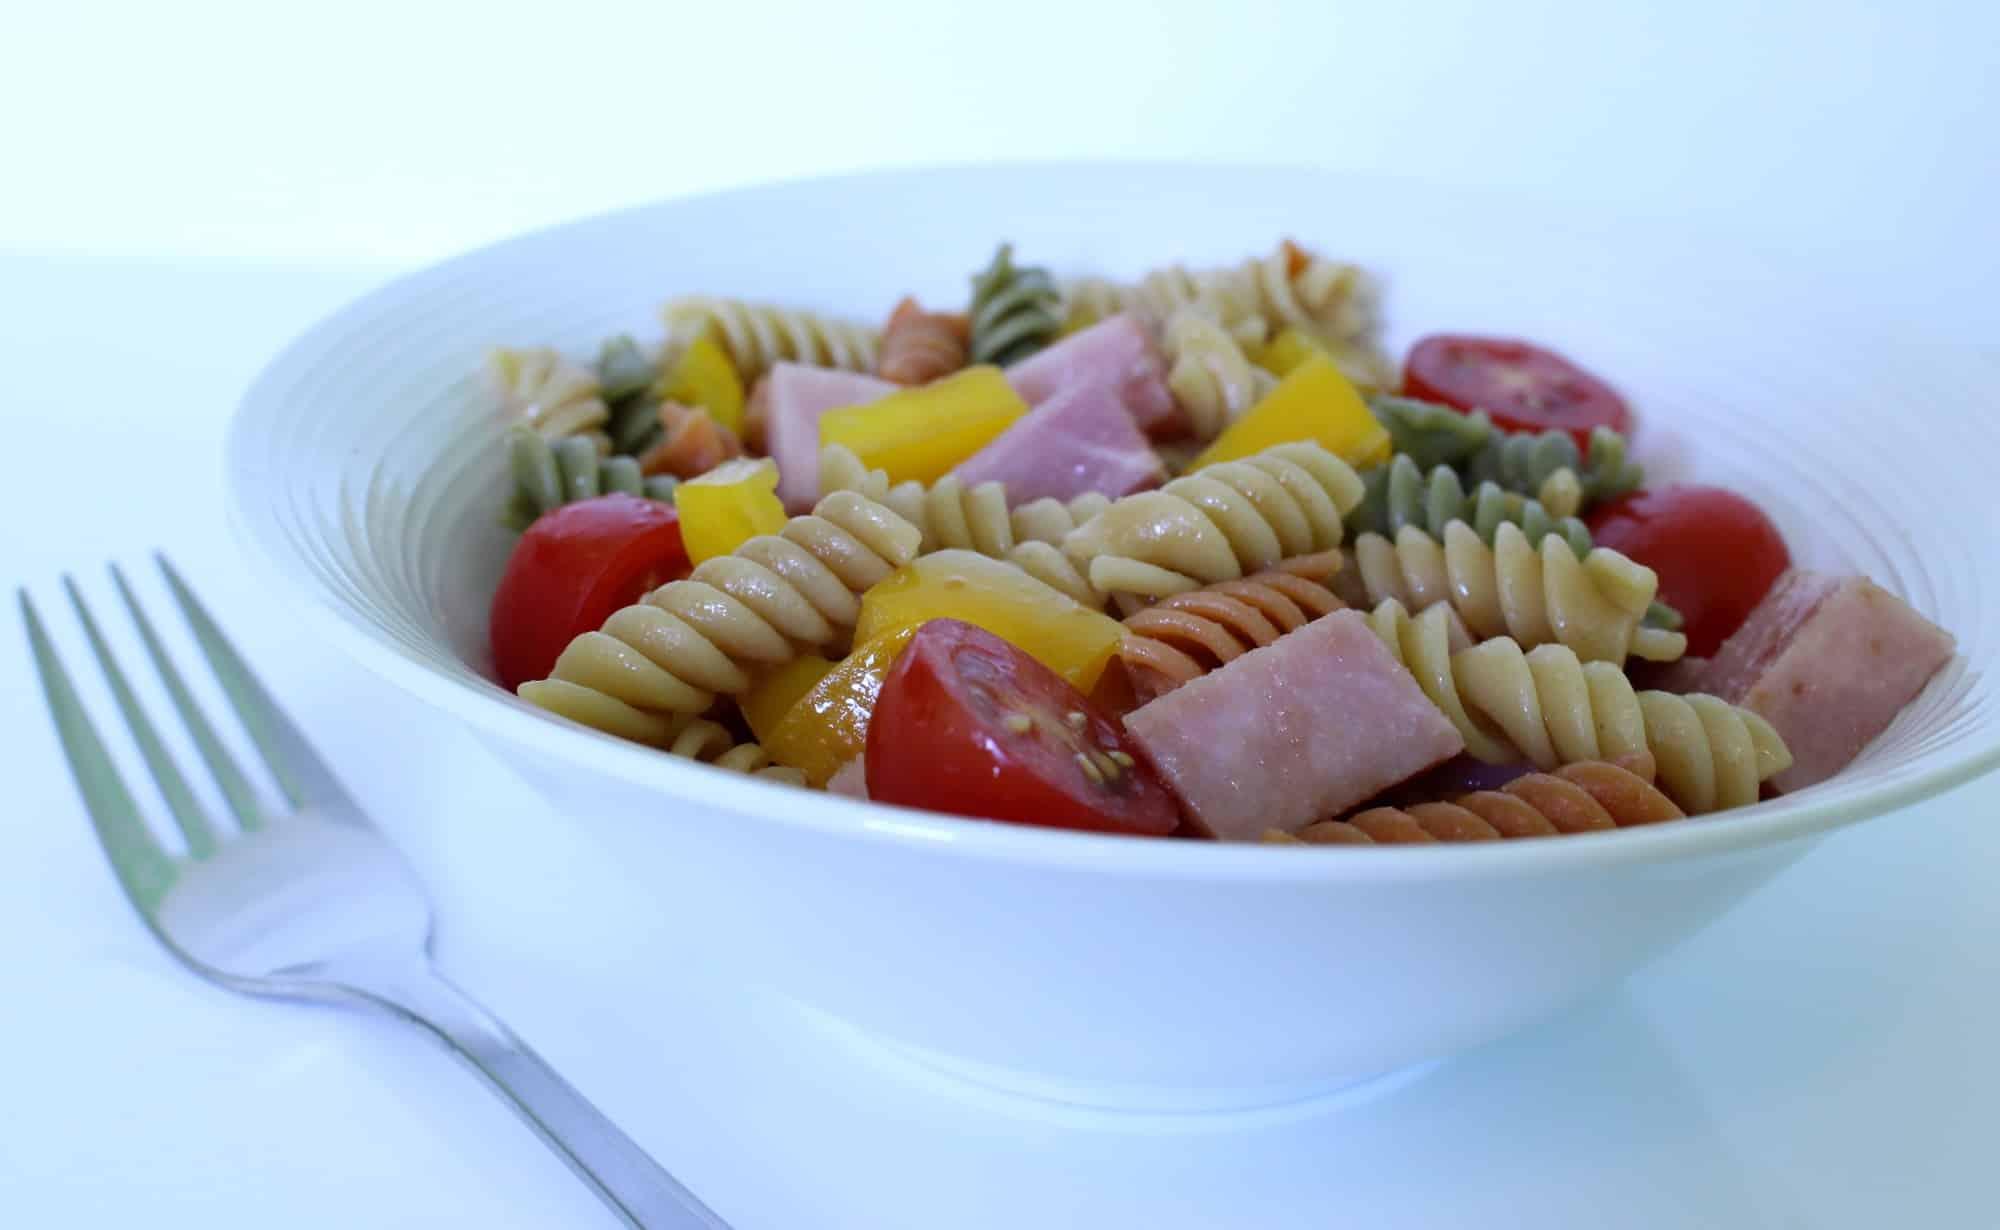 Salade de p tes au jambon conomies et cie - Salade de pates jambon ...